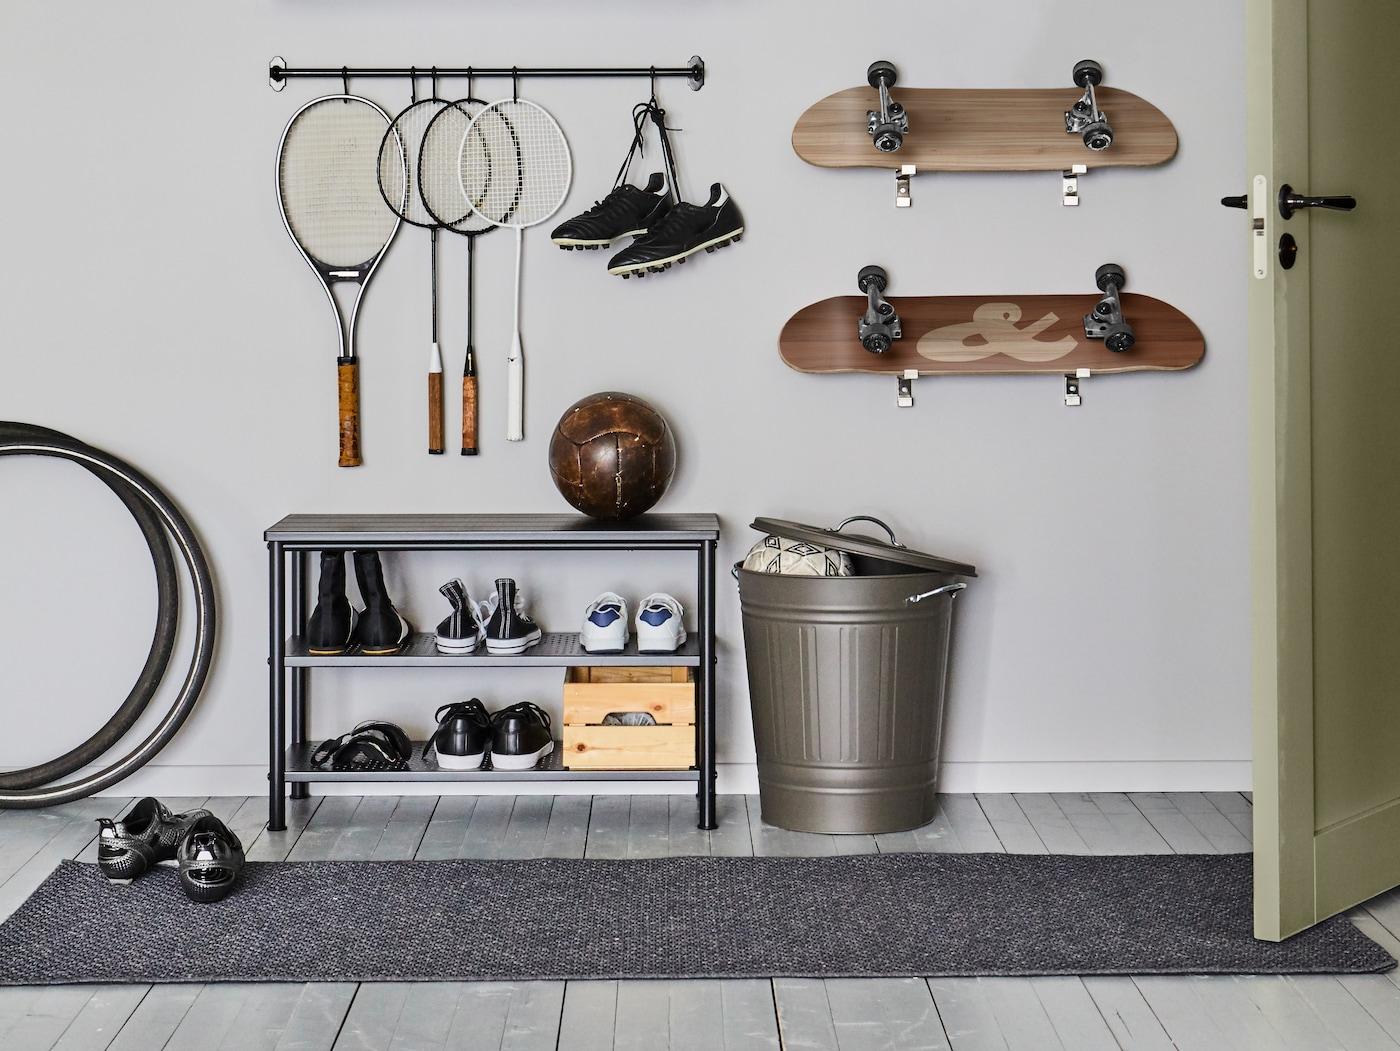 Entrémøbler skoskap, knagger, speil, kommoder mm. IKEA